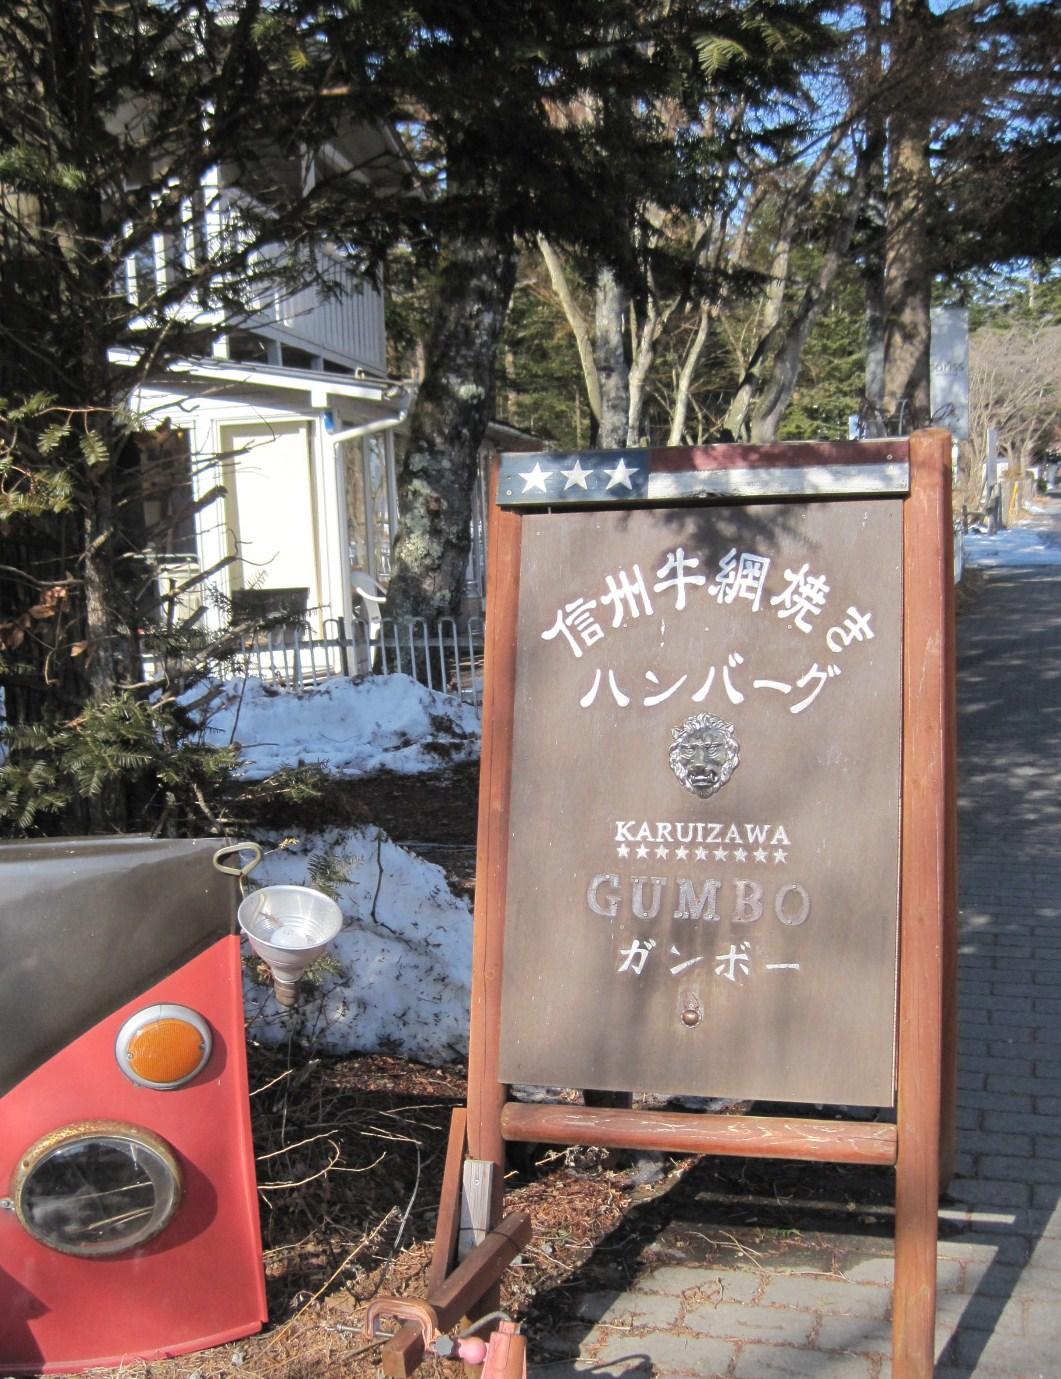 信州牛網焼きハンバーグのお店 Karuizawa GUMBO @旧軽井沢_f0236260_21235631.jpg